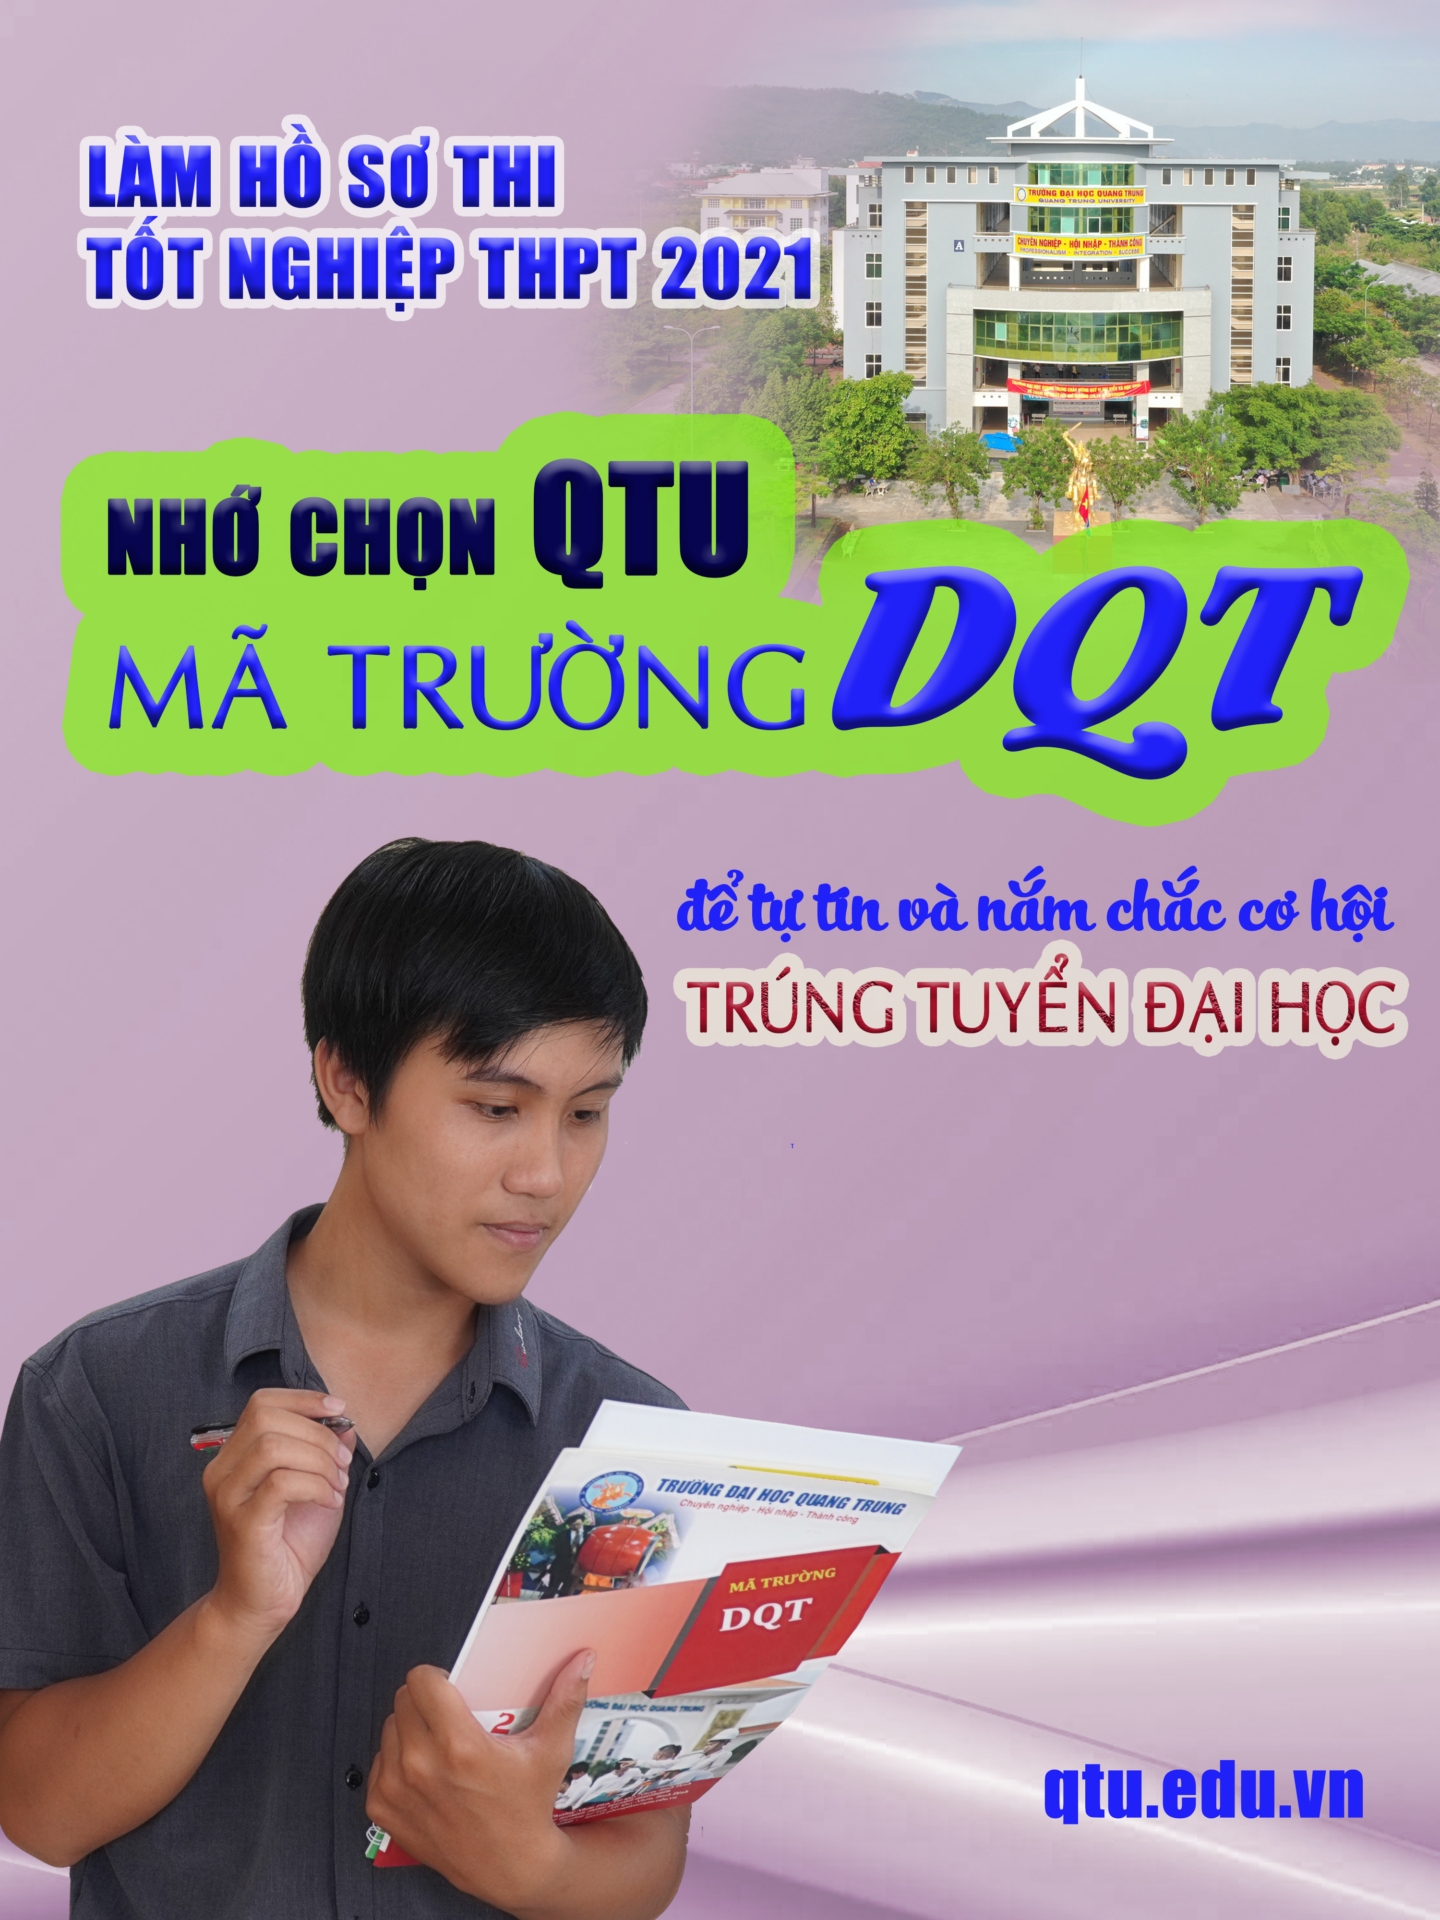 Làm hồ sơ thi tốt nghiệp THPT 2021, chọn QTU - Mã trường: DQT các bạn nhé!